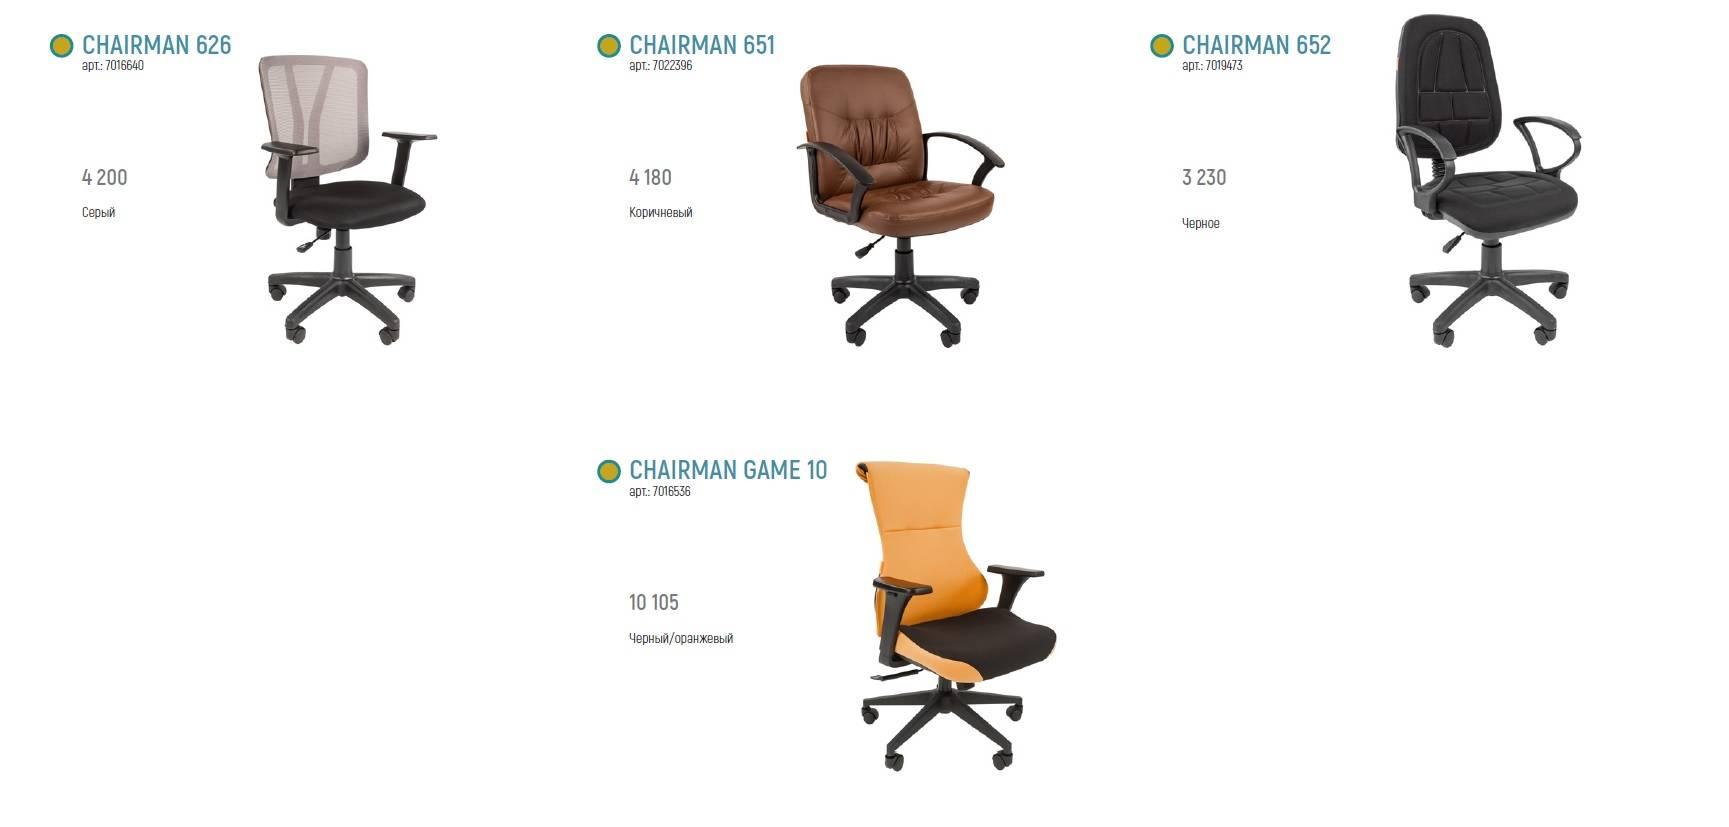 Выгодные цены на офисные кресла Chairman в марте 2019 года